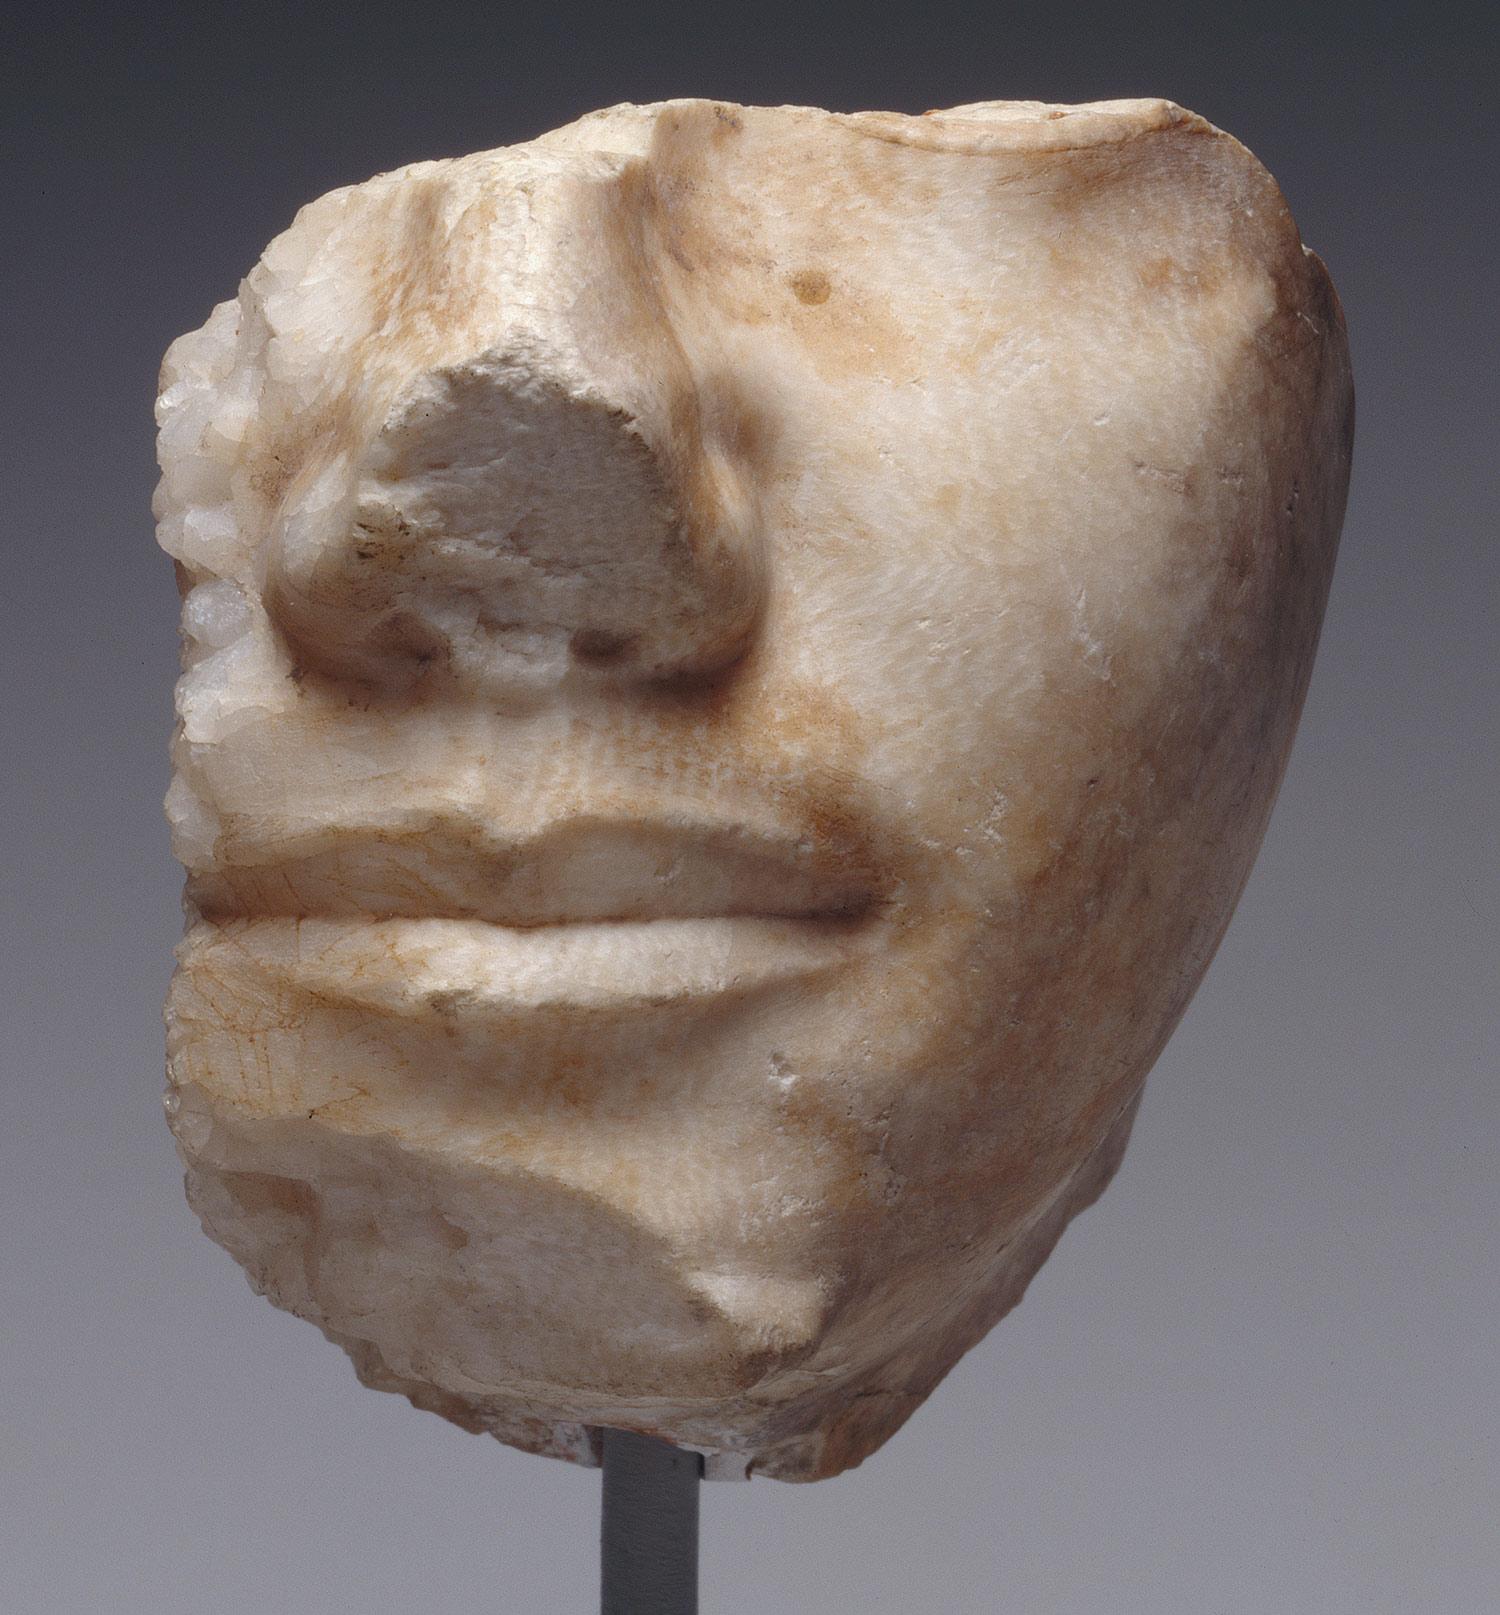 https://i2.wp.com/www.metmuseum.org/toah/images/h2/h2_26.7.1392.jpg